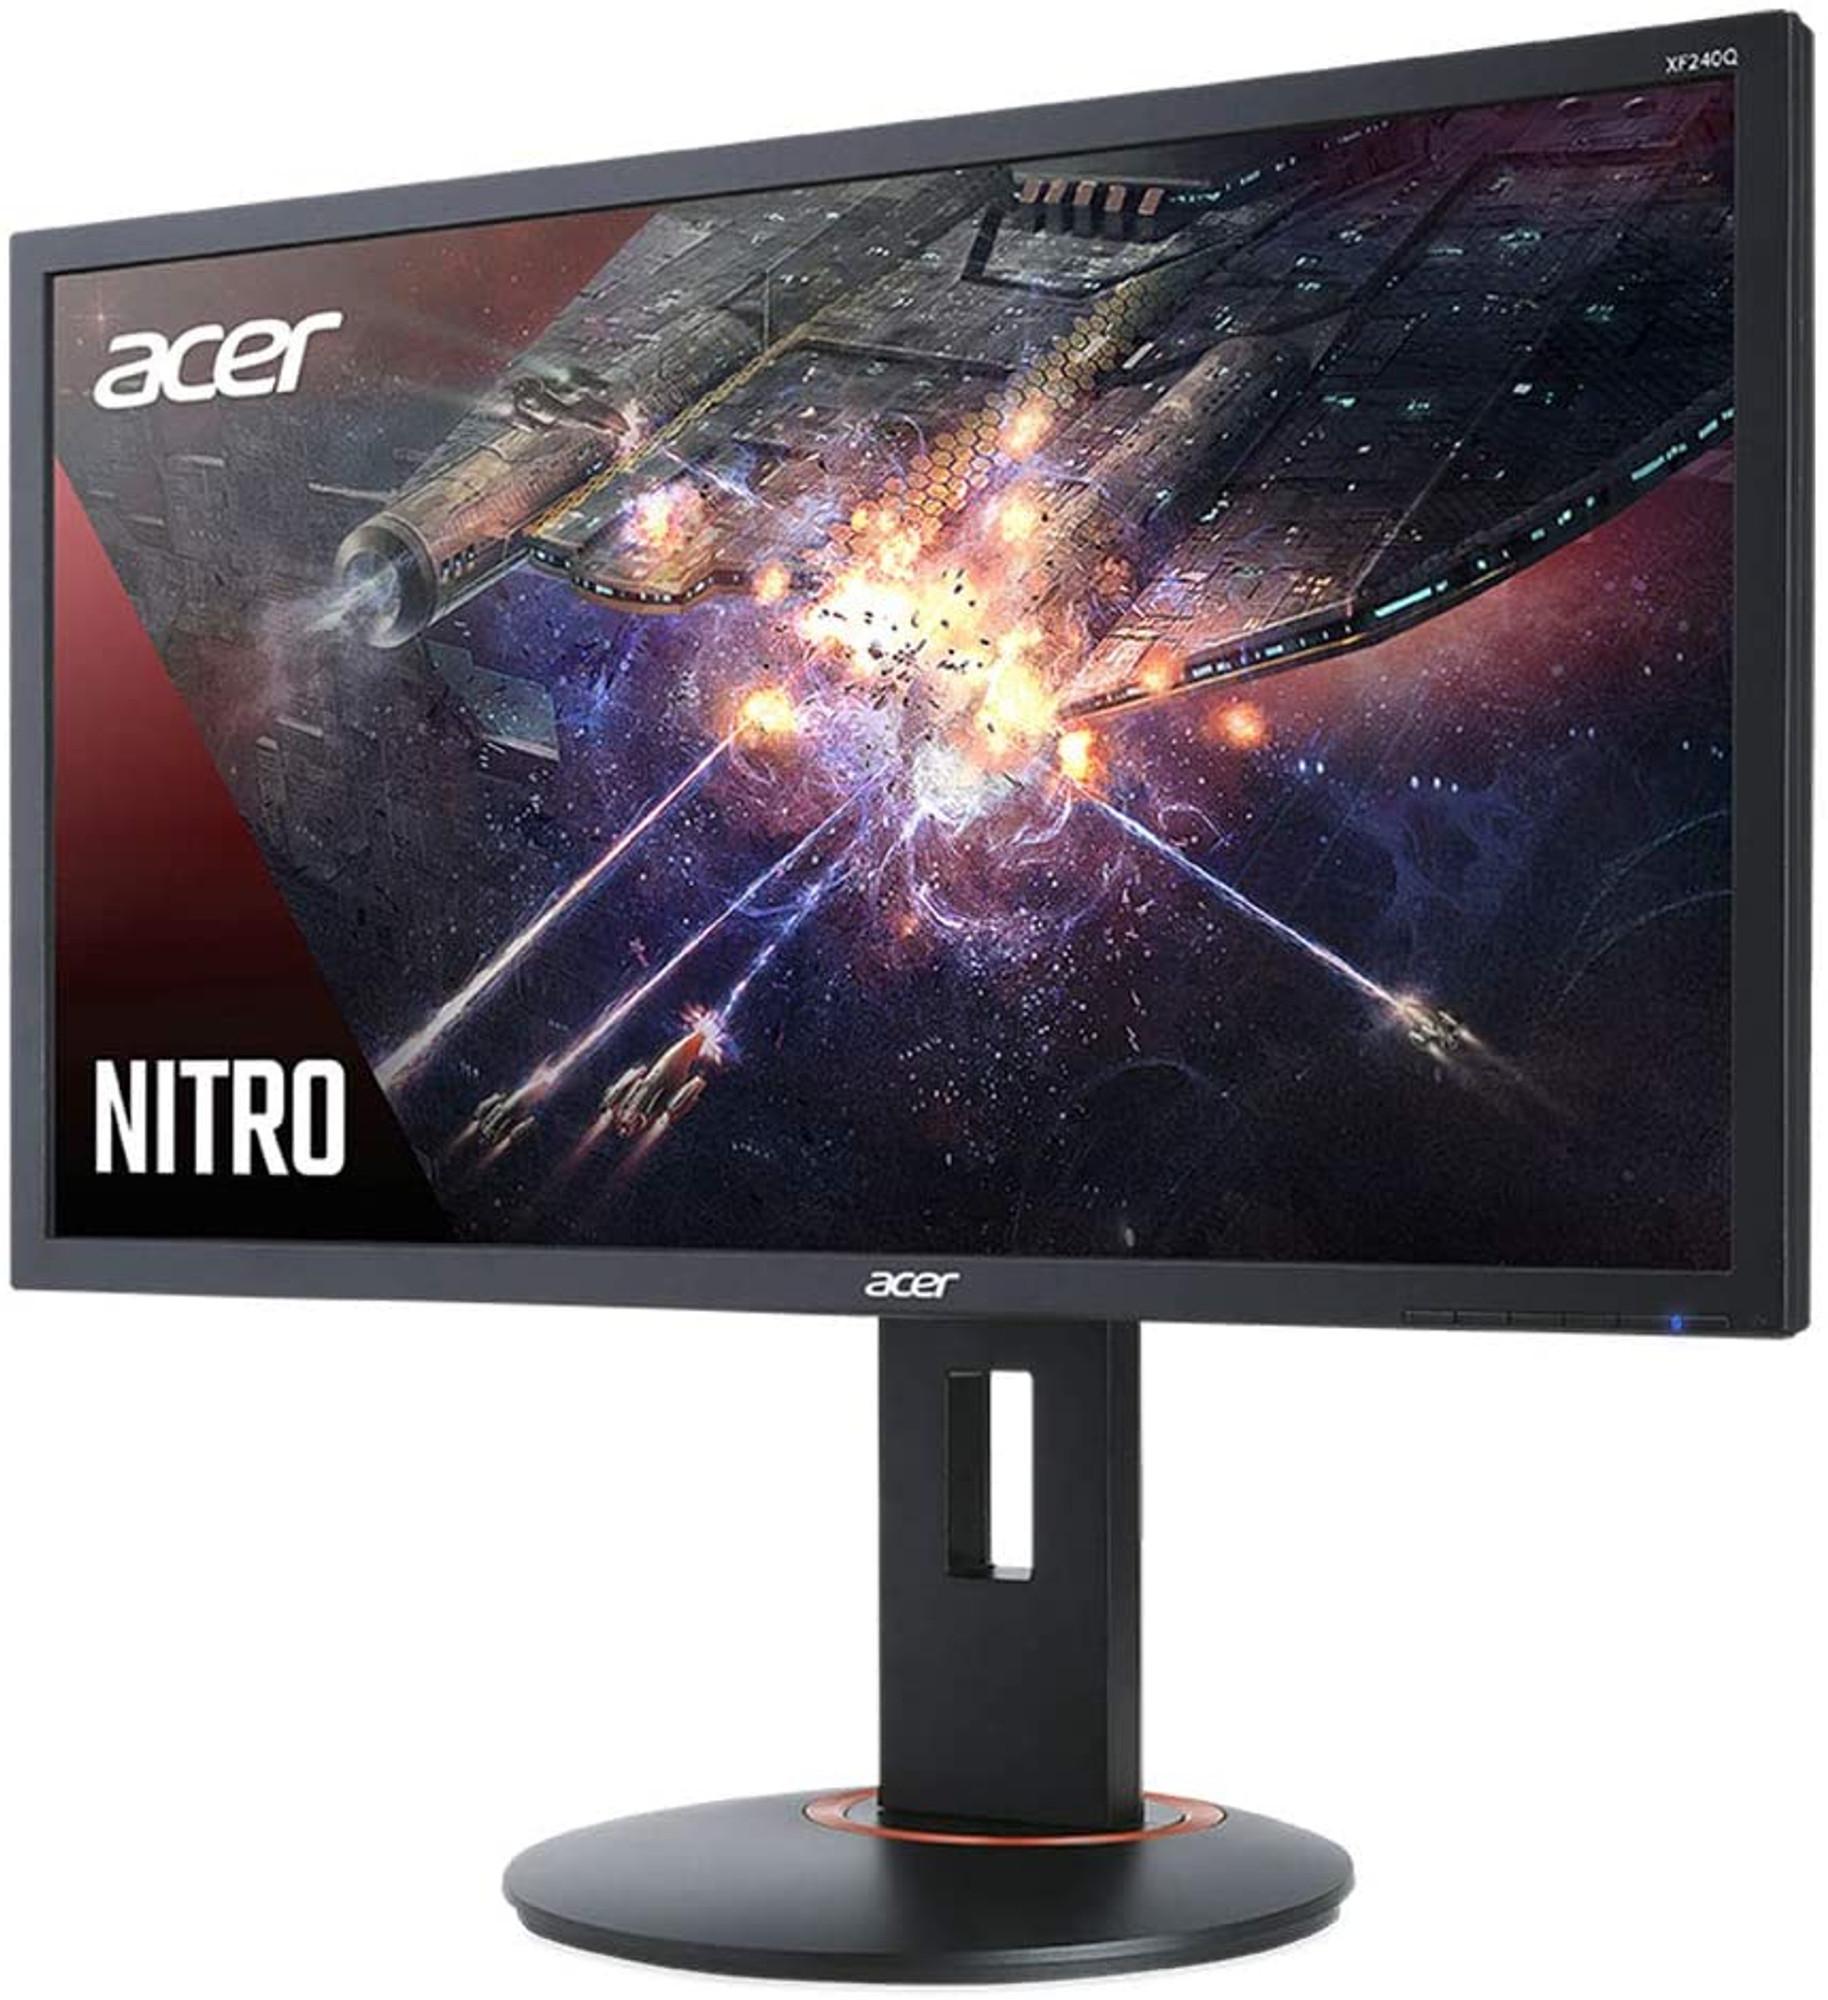 Acer Nitro Xfa240q 23 6 Monitor Fhd 1920x1080 144hz Amd Freesync 1ms Gtg Hdmi